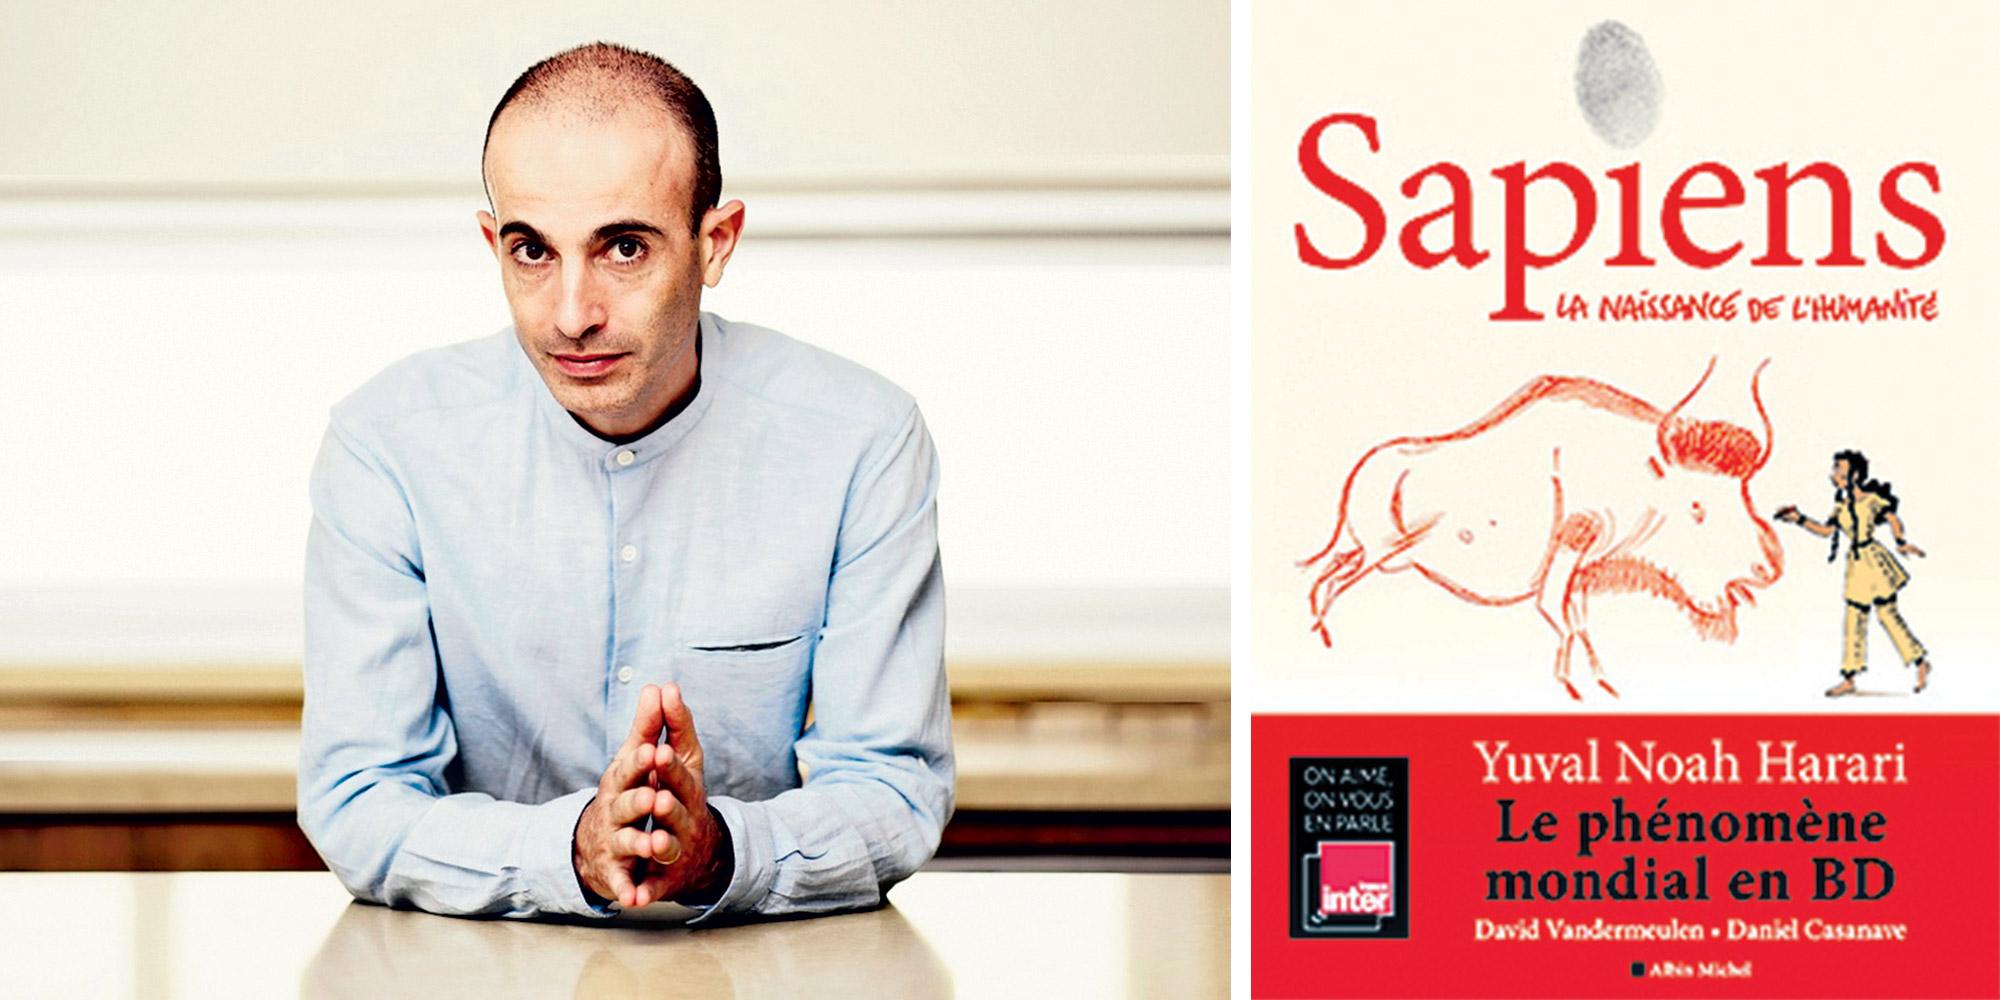 """Yuval Noah Harari, auteur de """"Sapiens"""" : """"On ne peut pas comprendre  l'humanité sans comprendre l'évolution"""""""